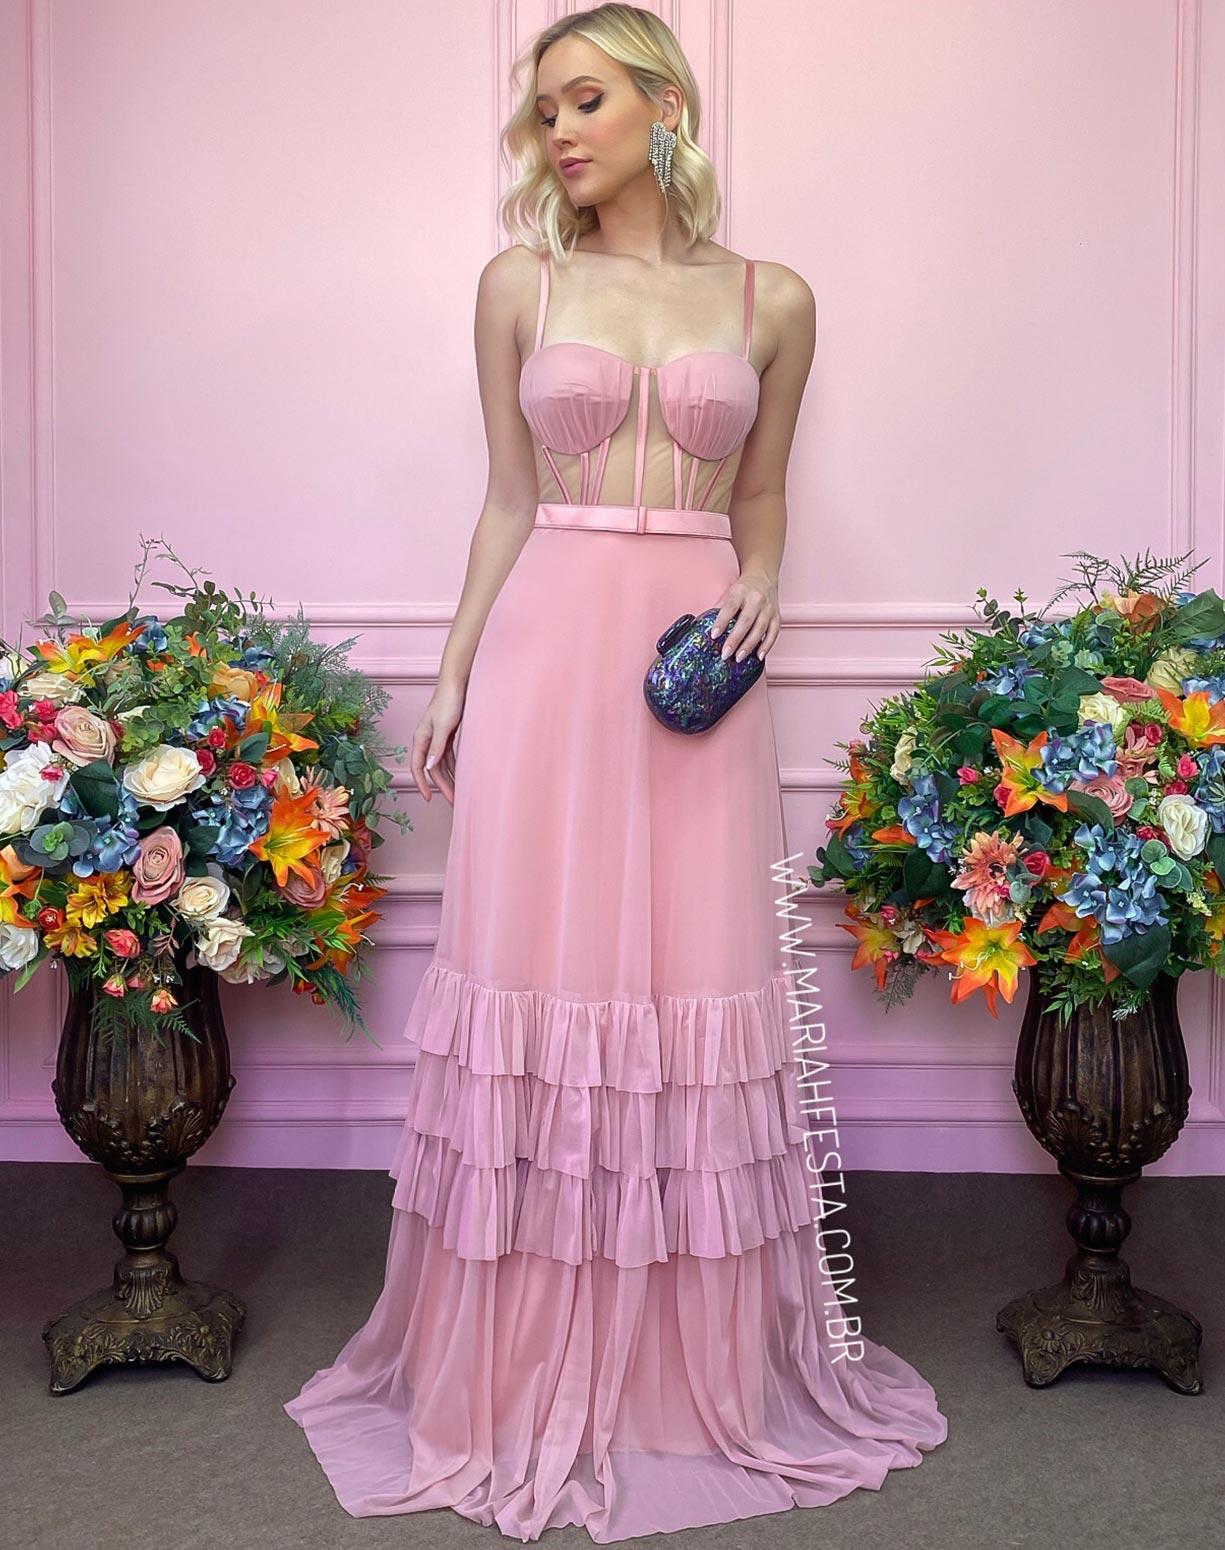 Vestido Rose em Tule com Corpete em Transparência